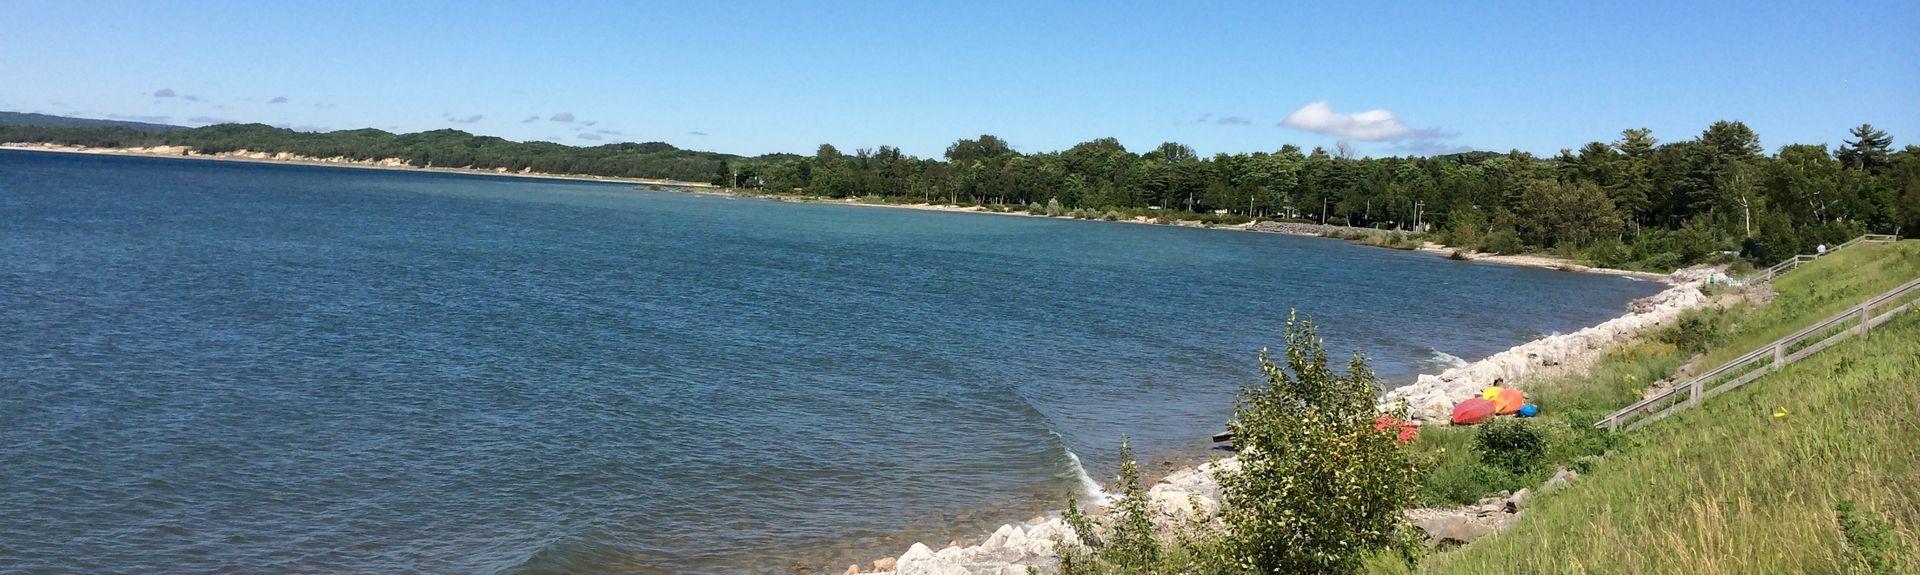 Lake Charlevoix, Michigan, USA